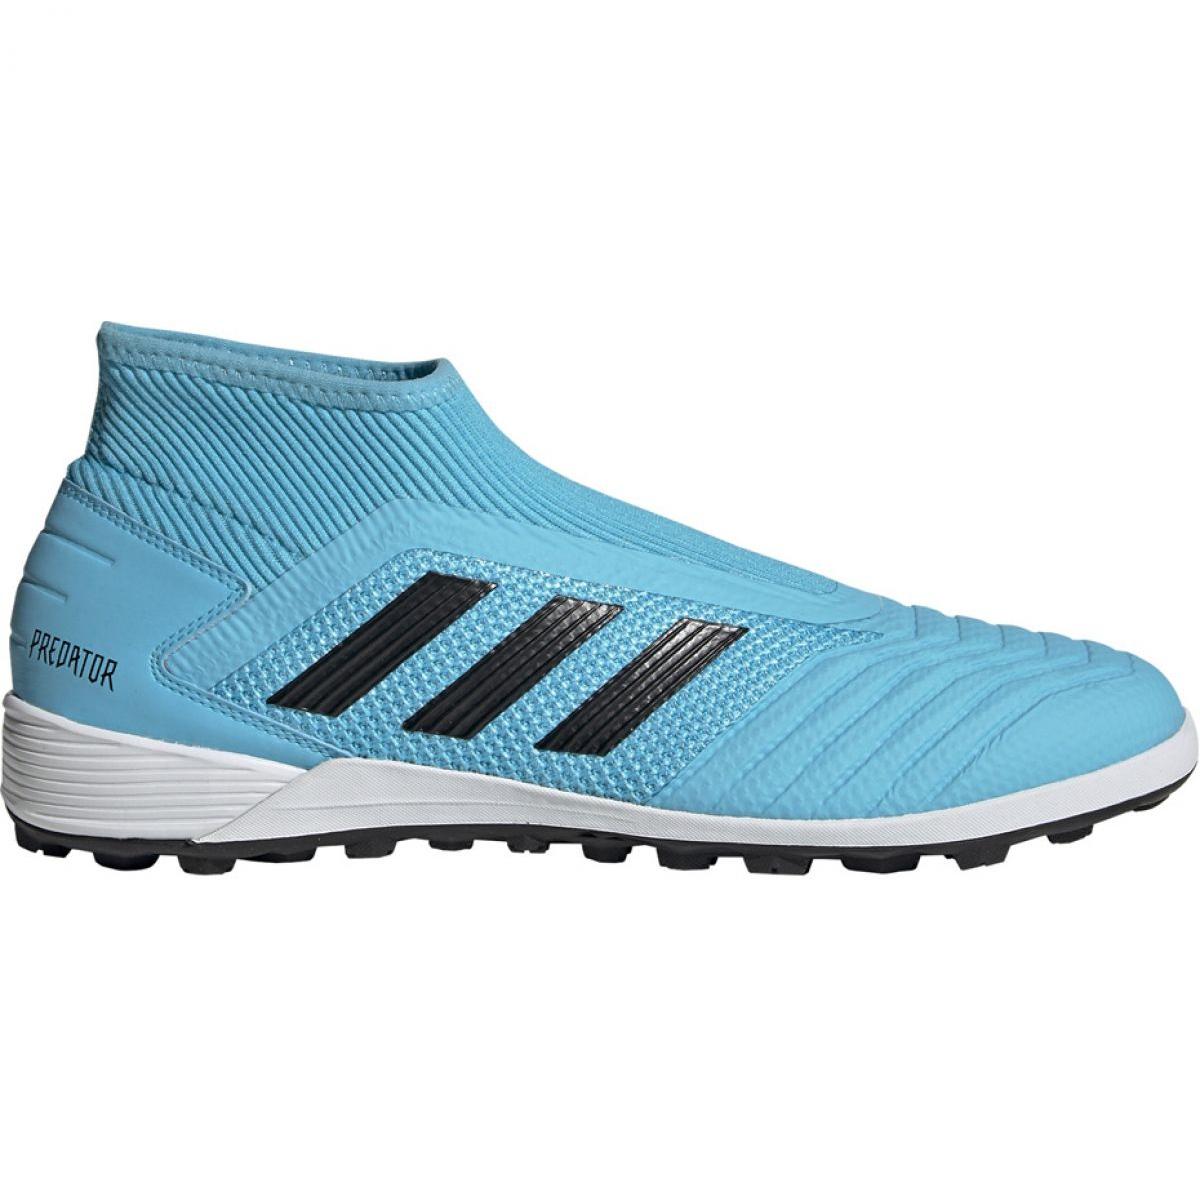 Chuteiras de futebol Adidas Predator 19.3 Ll Tf M EF0389 preto, azul azul